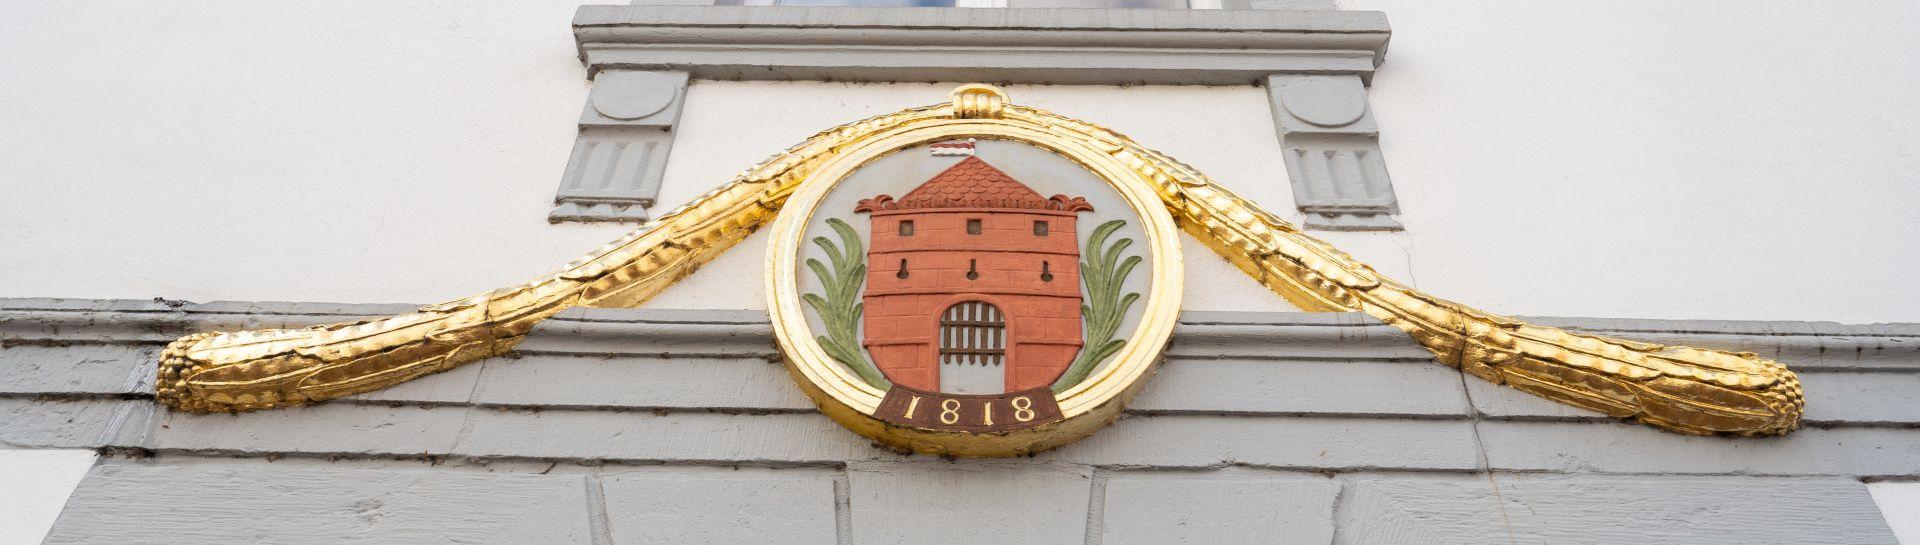 Blick auf das Wappen am Rathaus in Quakenbrueck über dem Eingang zum Buergerbuero